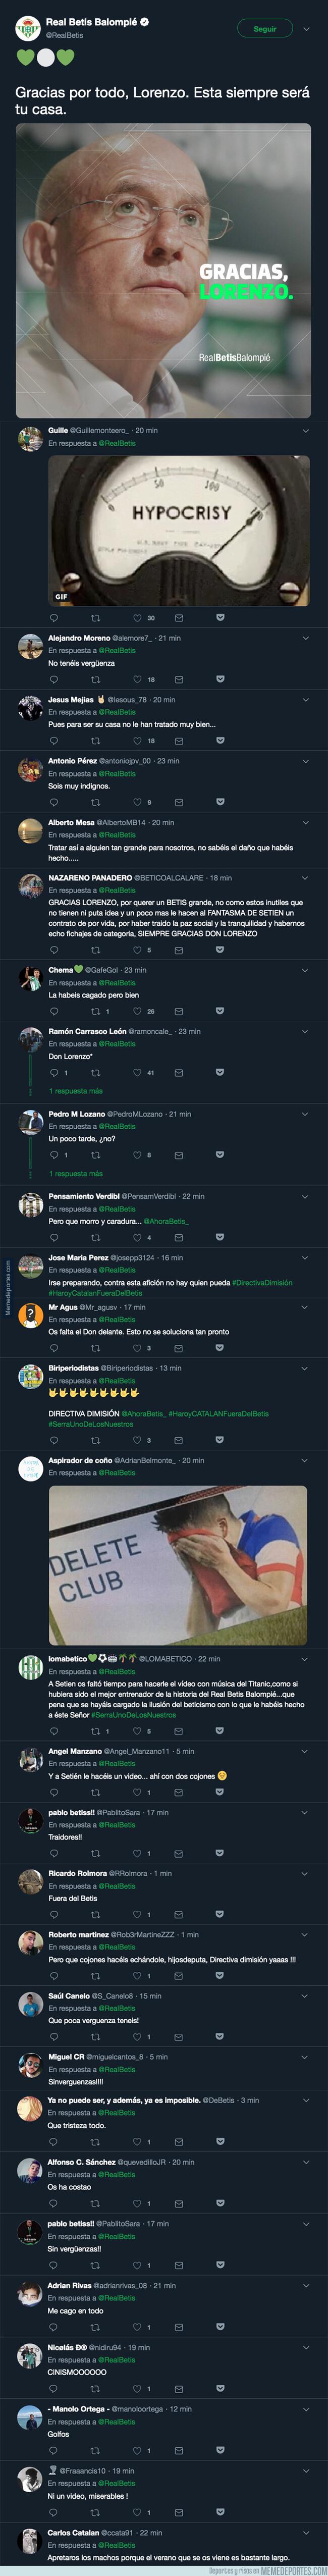 1077829 - El Real Betis le da las gracias a Serra Ferrer tras echarlo del equipo y todos los aficionados responden con dureza